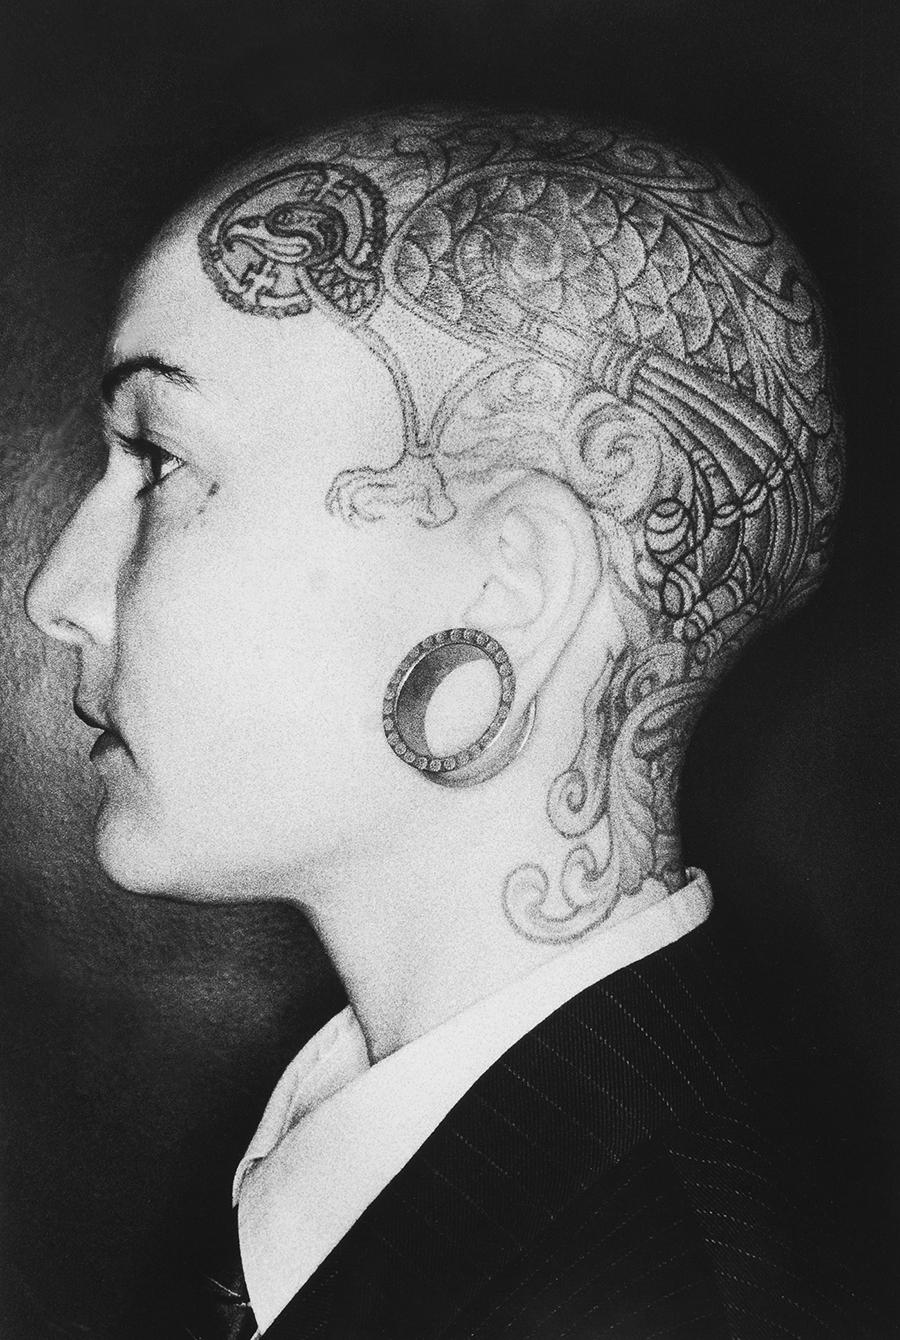 Tony_Ward_early_work_close_ups_1990's_ringflash_shaved_head_tattoo